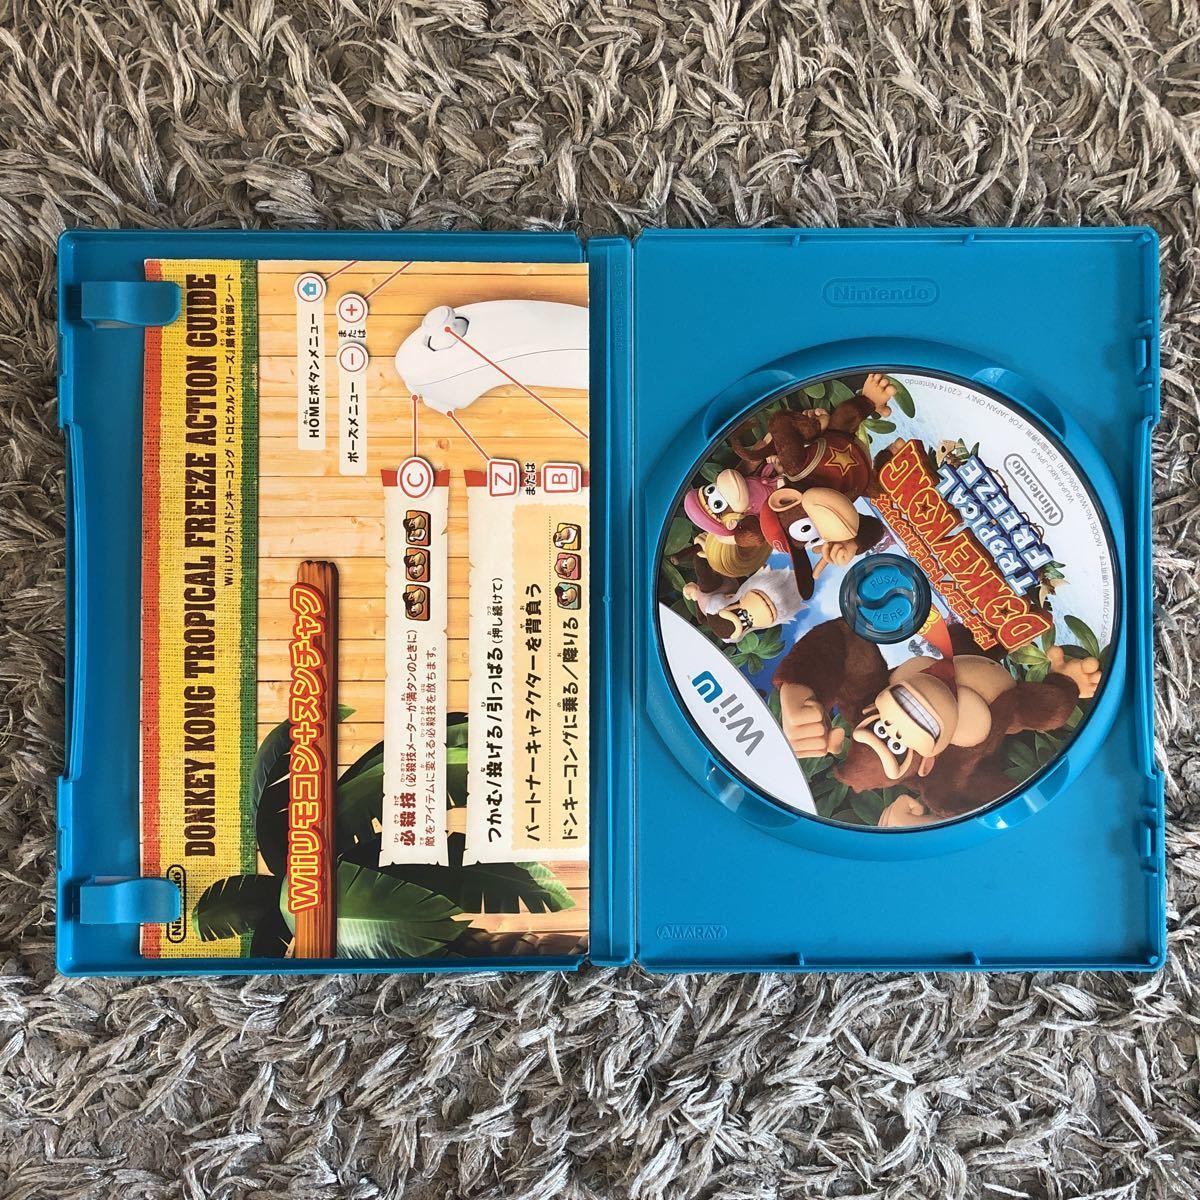 ドンキーコングトロピカルフリーズ WiiU ソフト _画像3